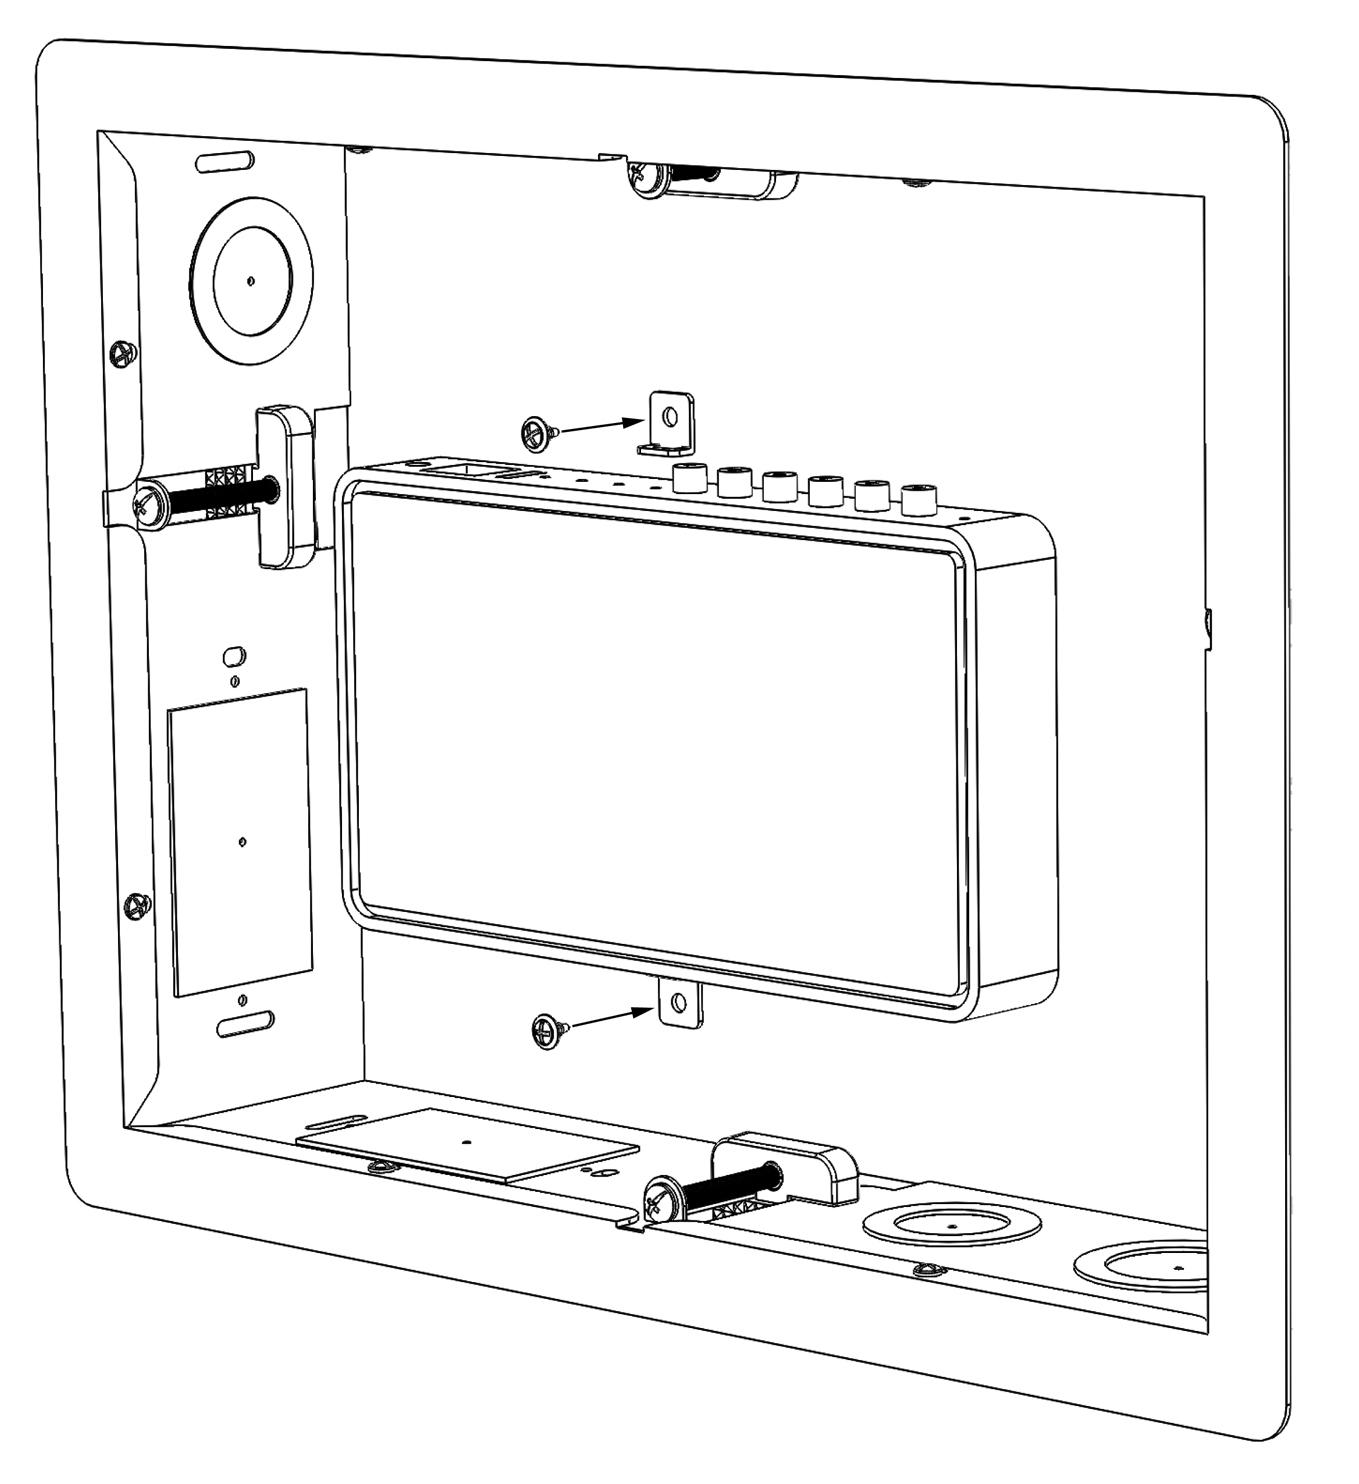 IWB-1x - For Manual